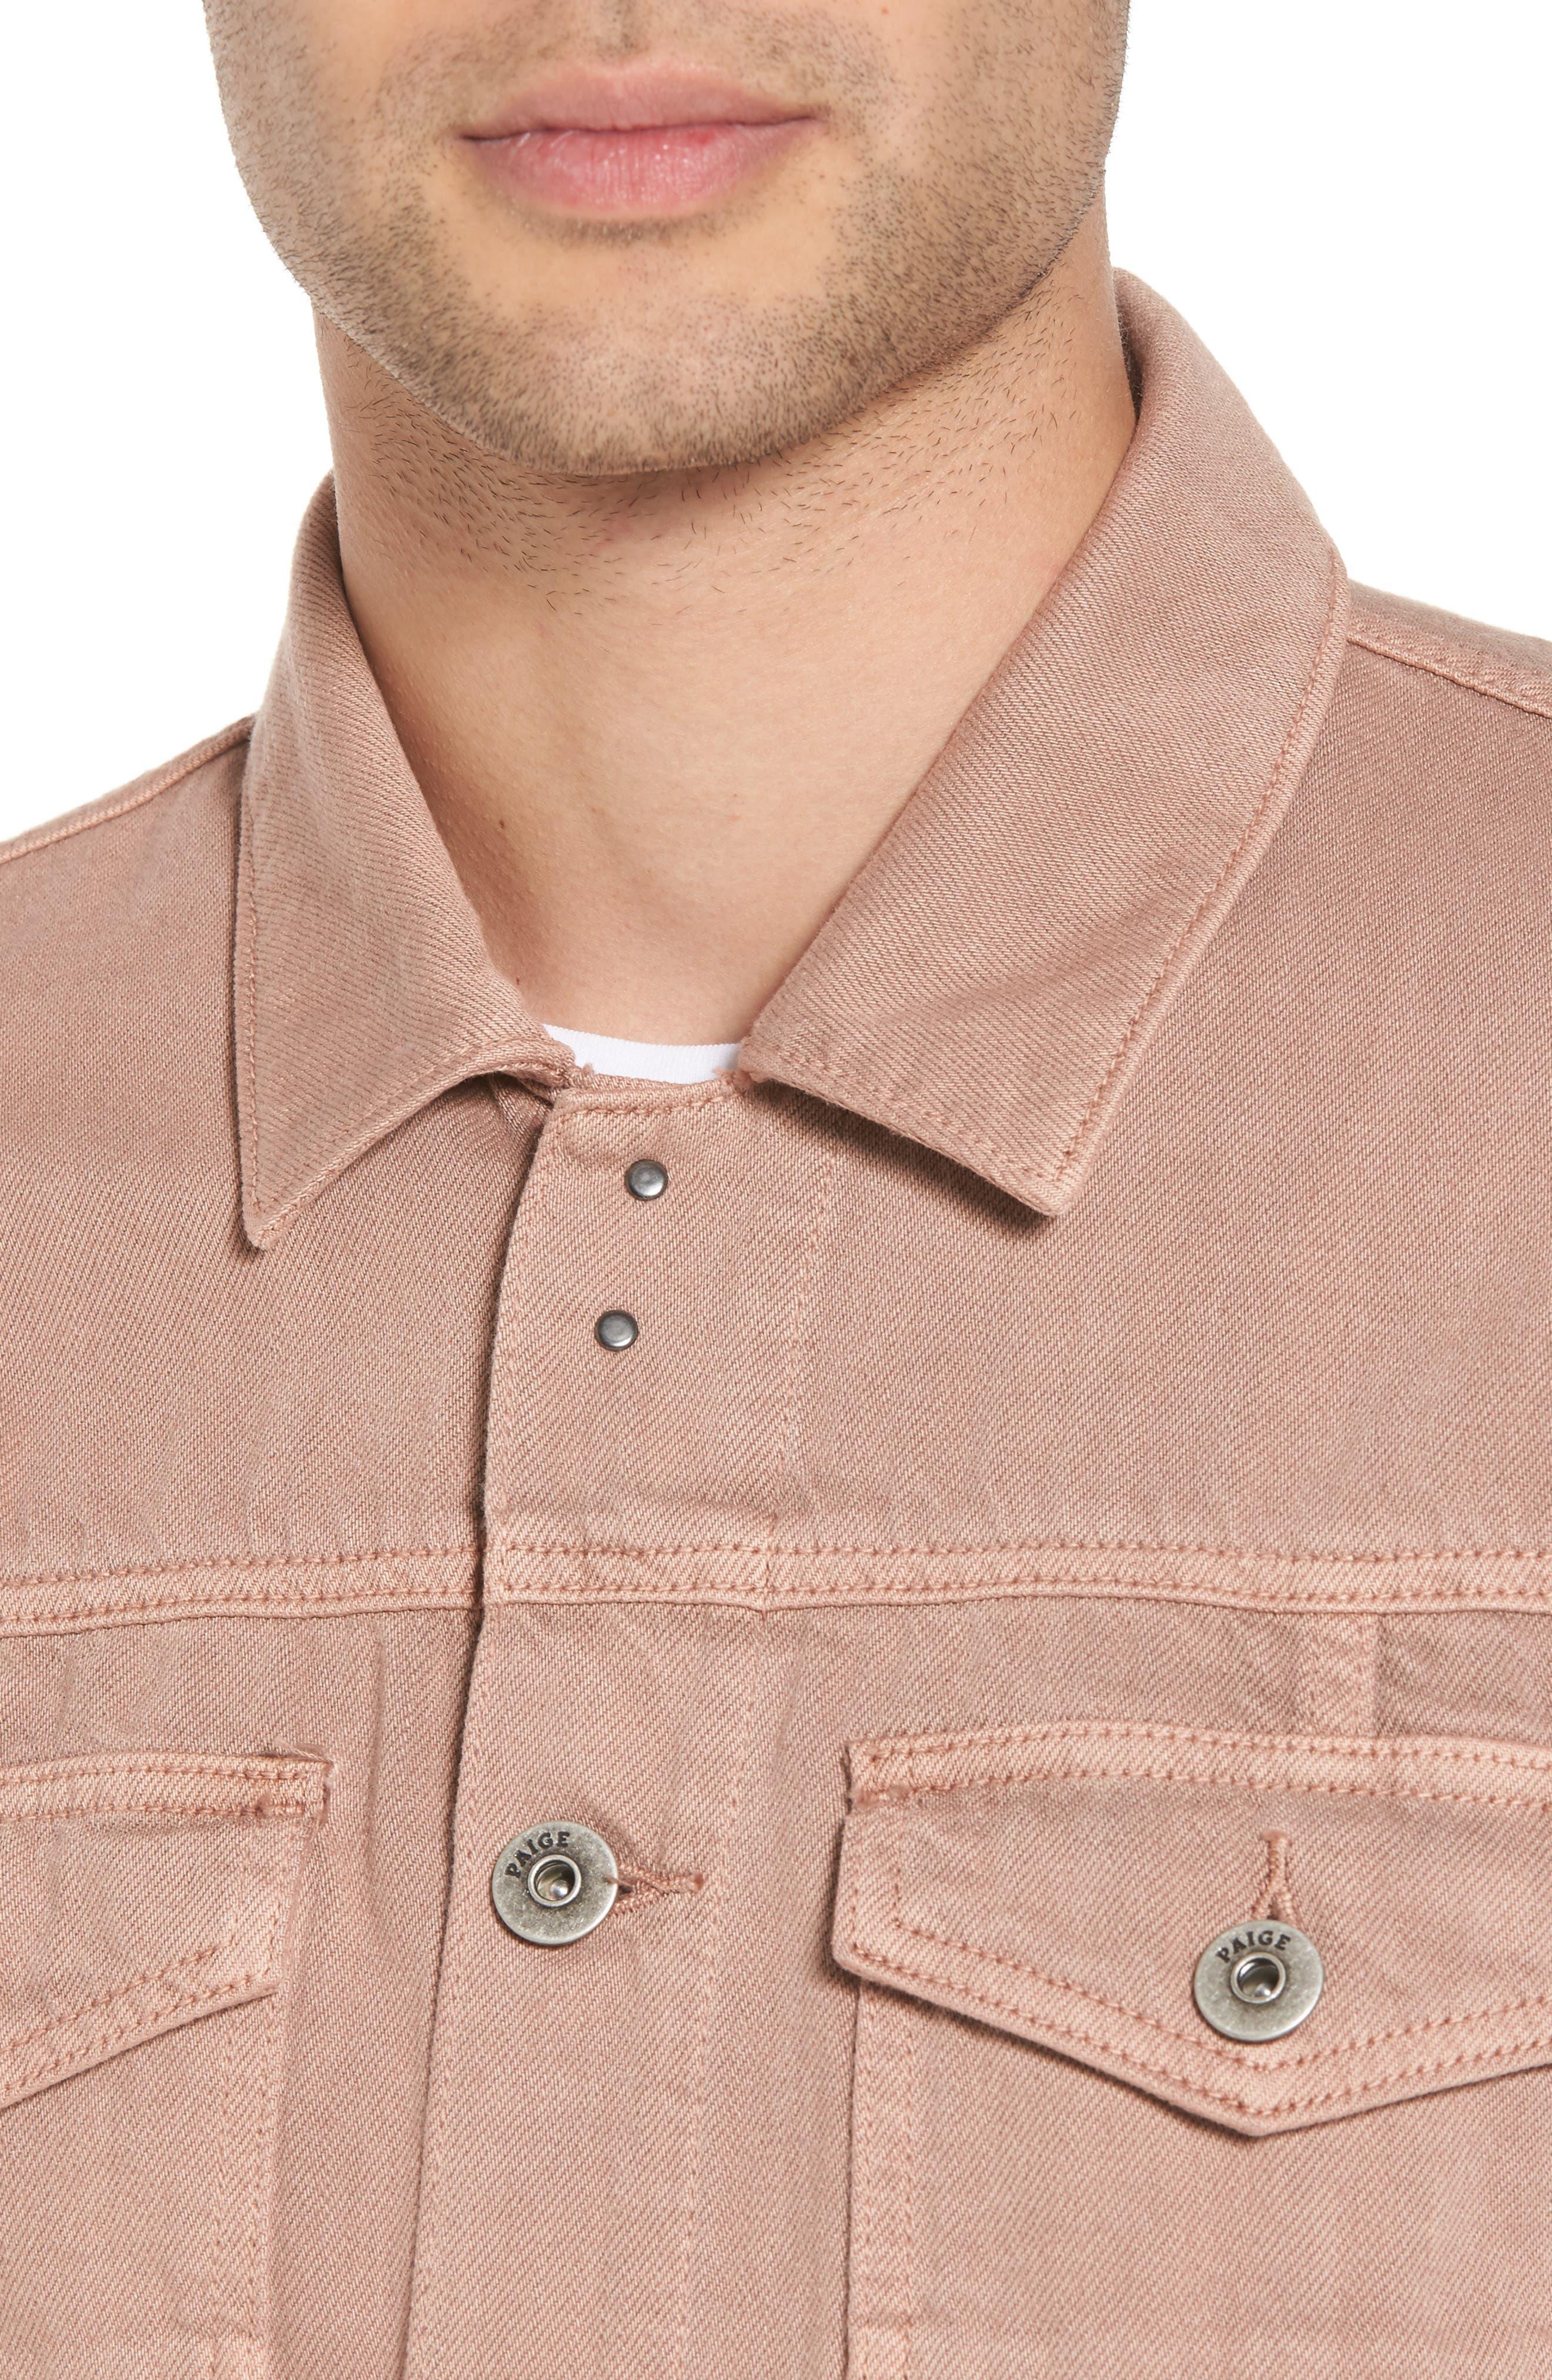 Scout Denim Jacket,                             Alternate thumbnail 4, color,                             VINTAGE DUSTY ROSE